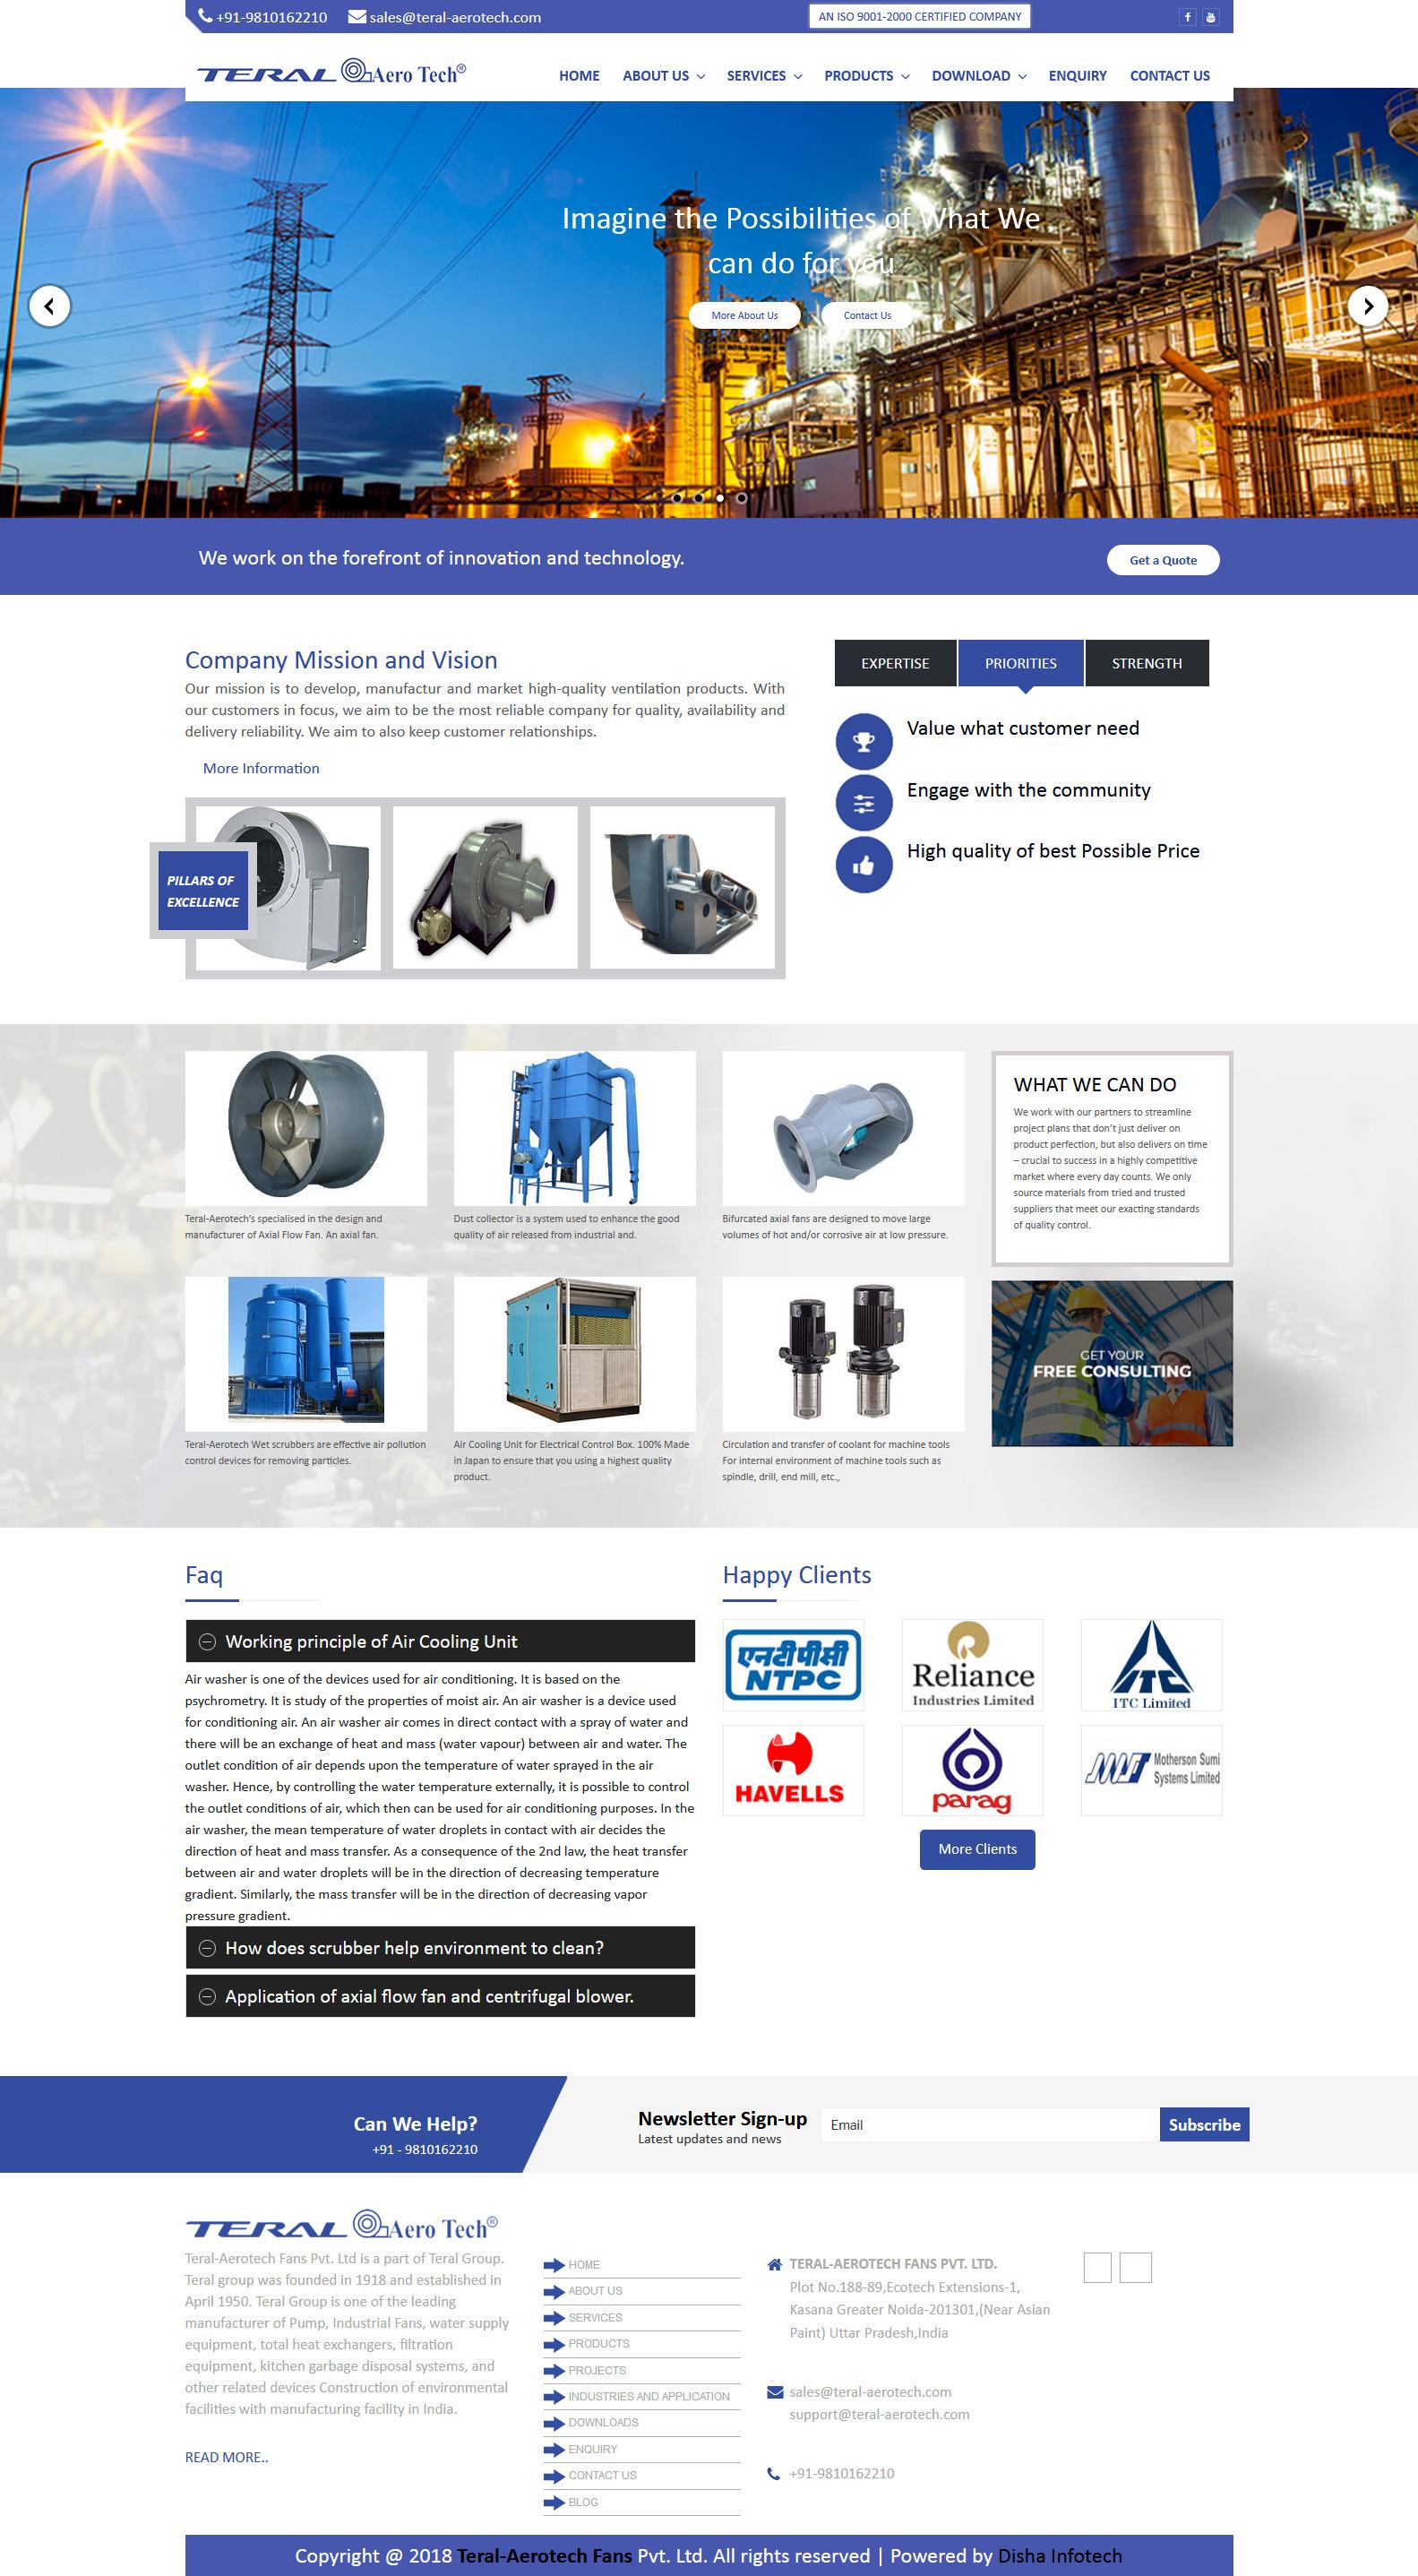 Teral-Aerotech Fans Pvt. Ltd